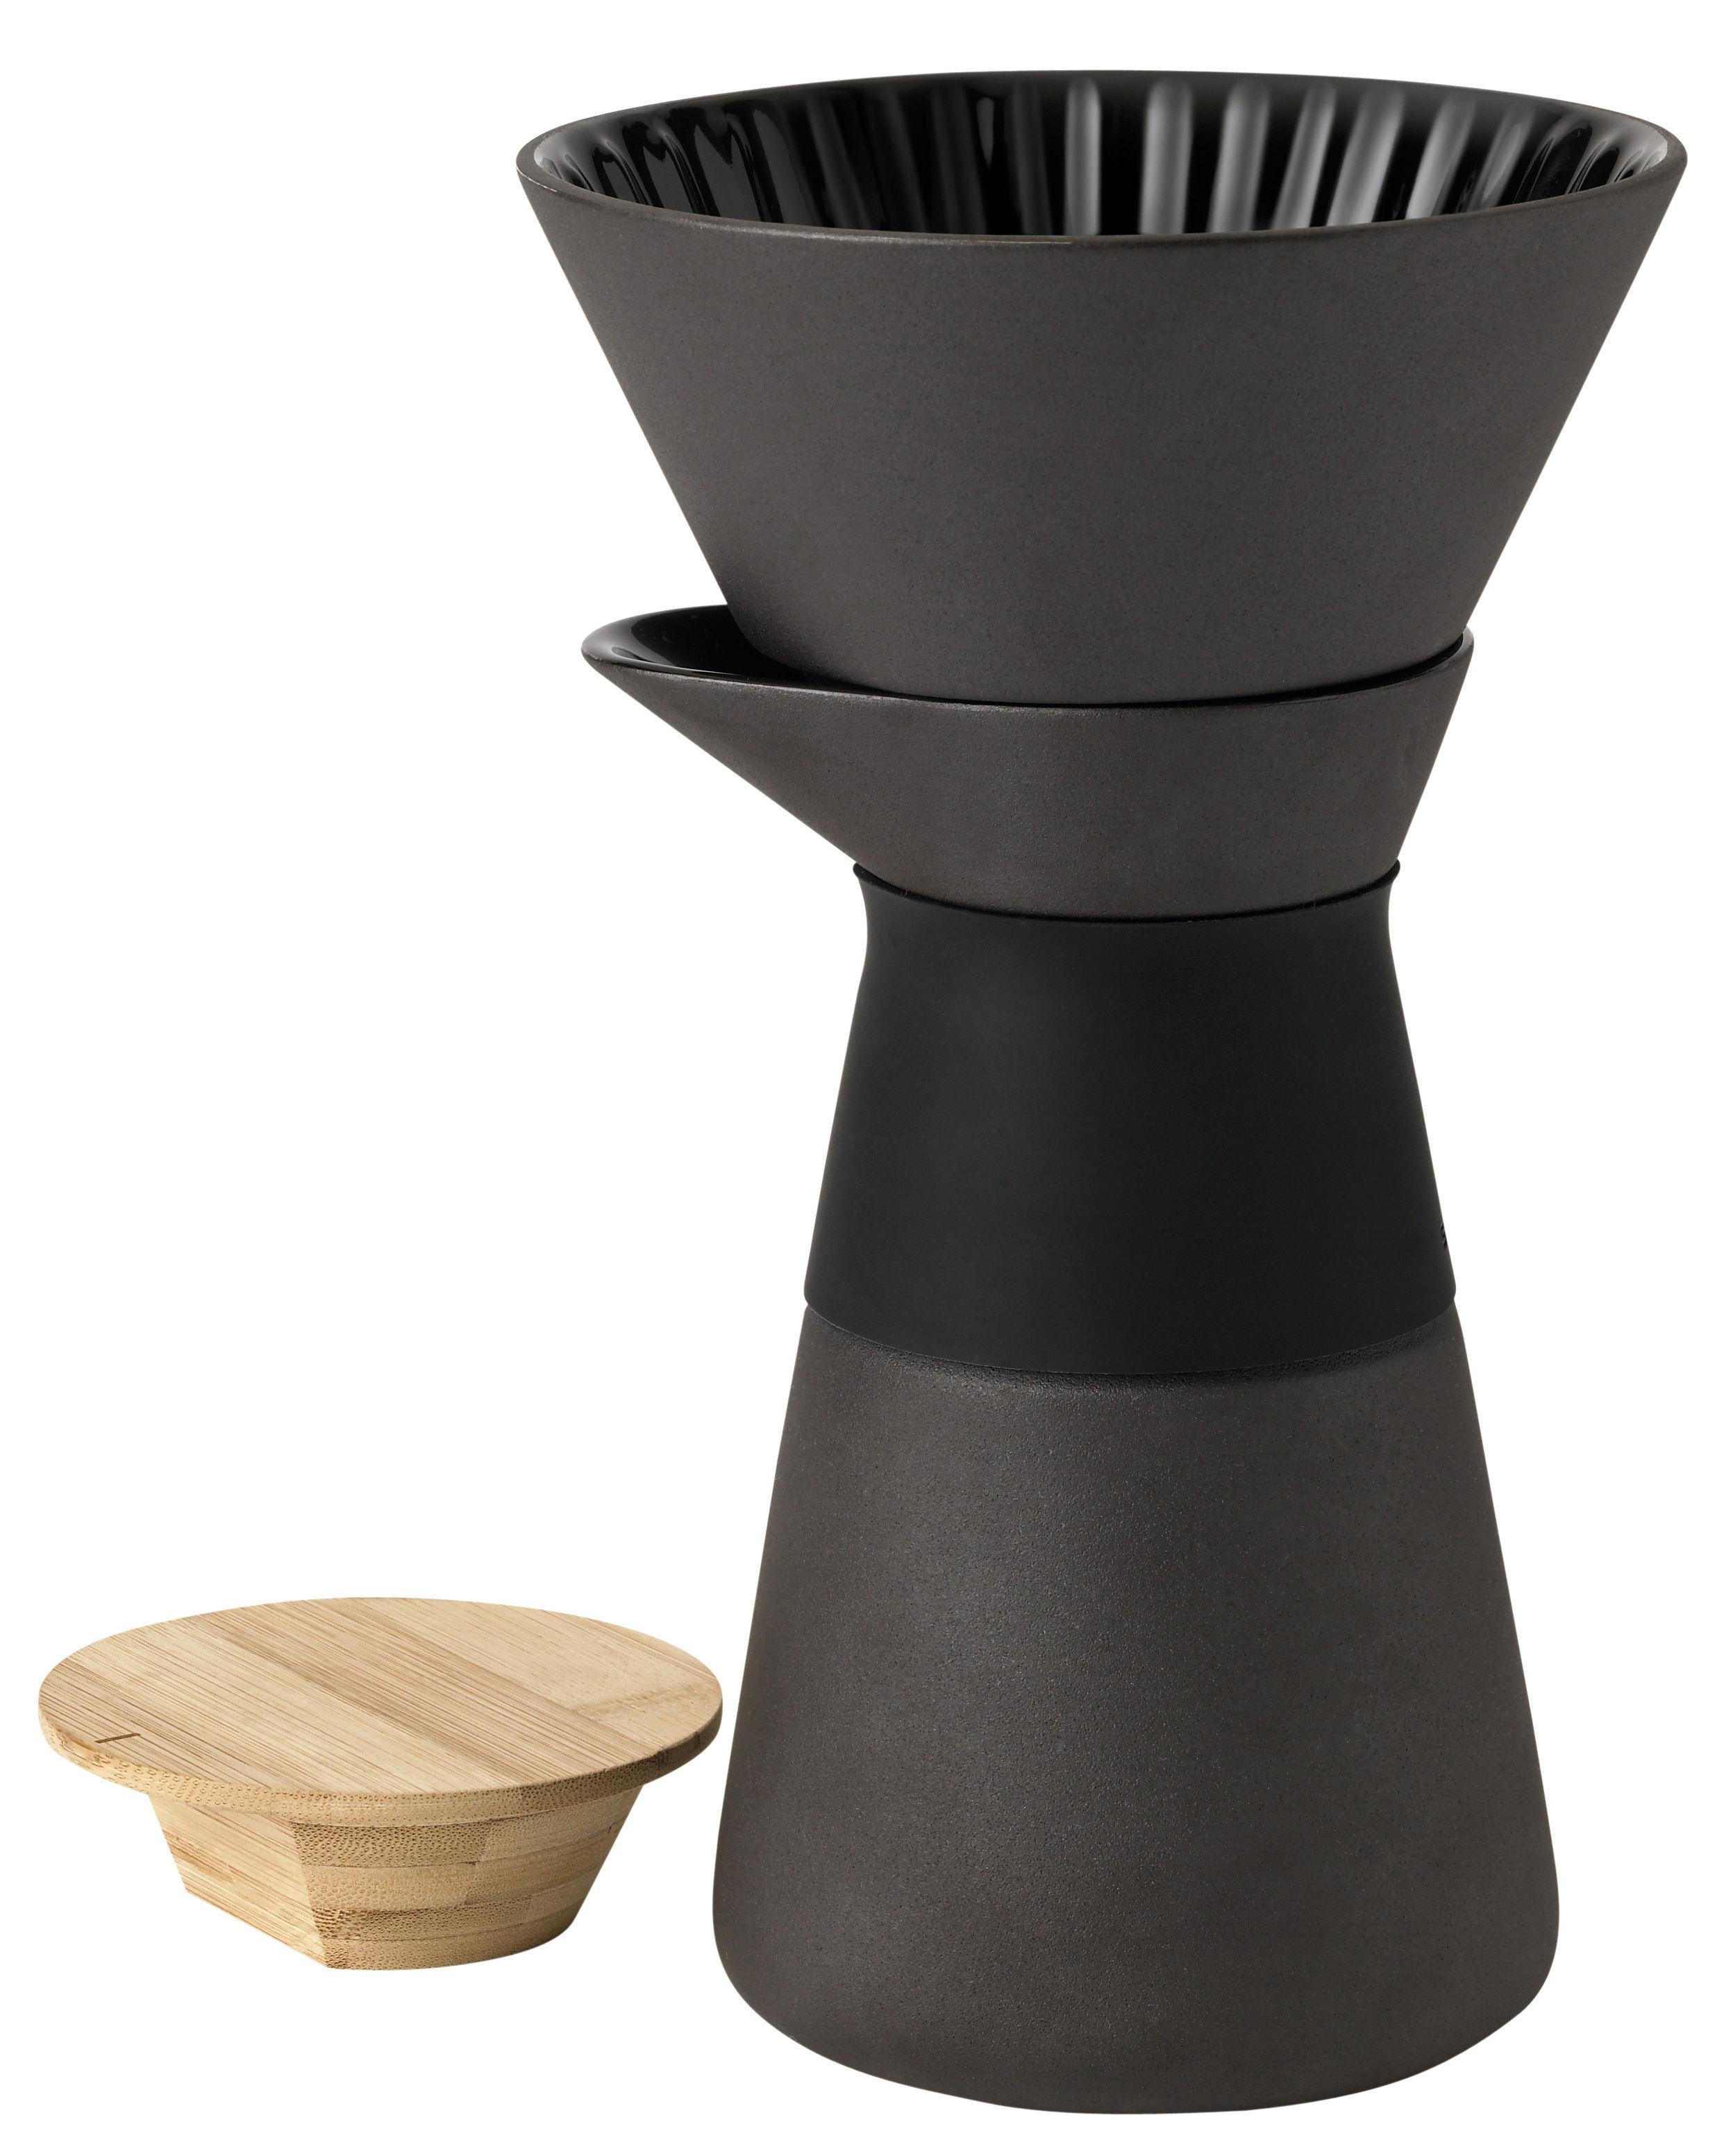 Arts de la table - Thé et café - Cafetière filtre Théo / 60 cl - Stelton - Noir / Bois naturel - Bambou, Grès, Silicone